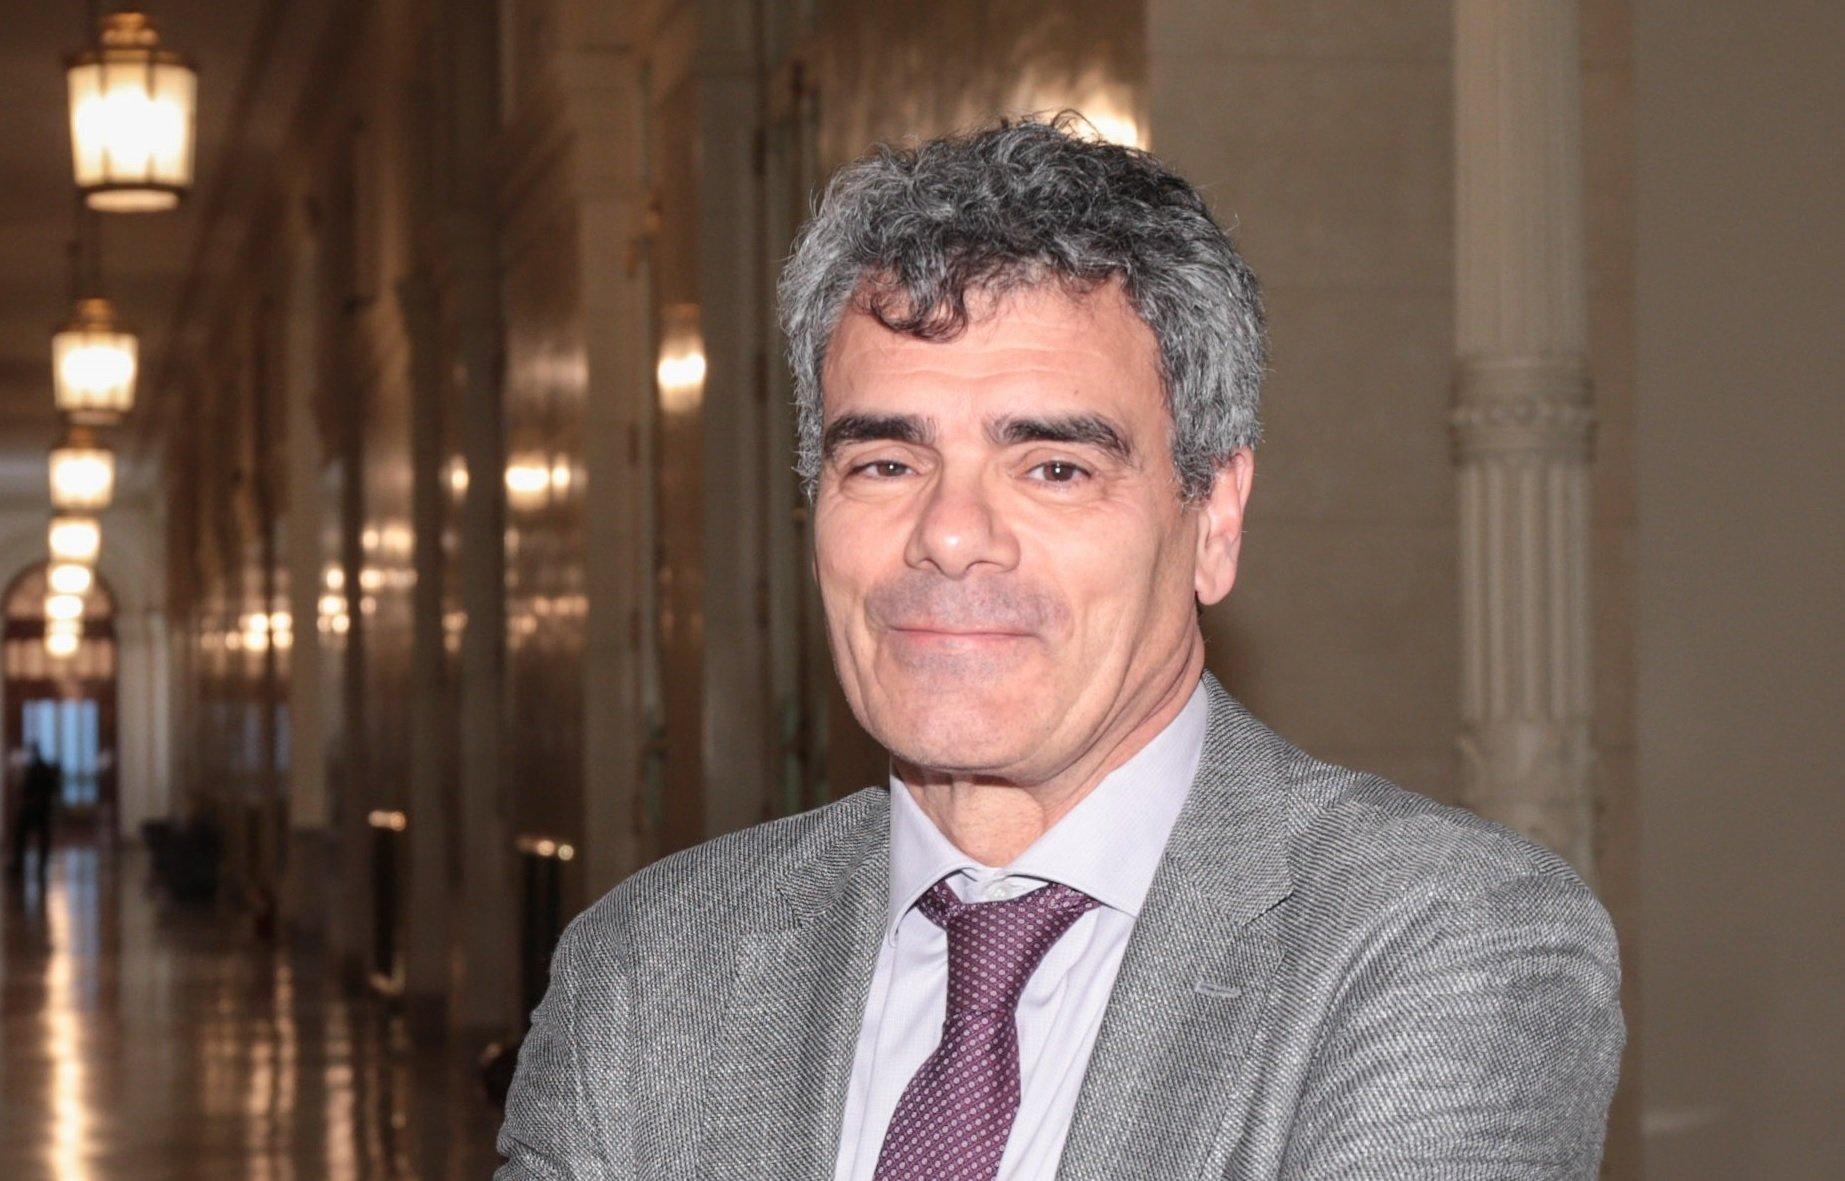 Ángel Estrada es el nuevo director general de Estabilidad Financiera, Regulación y Resolución del Banco de España